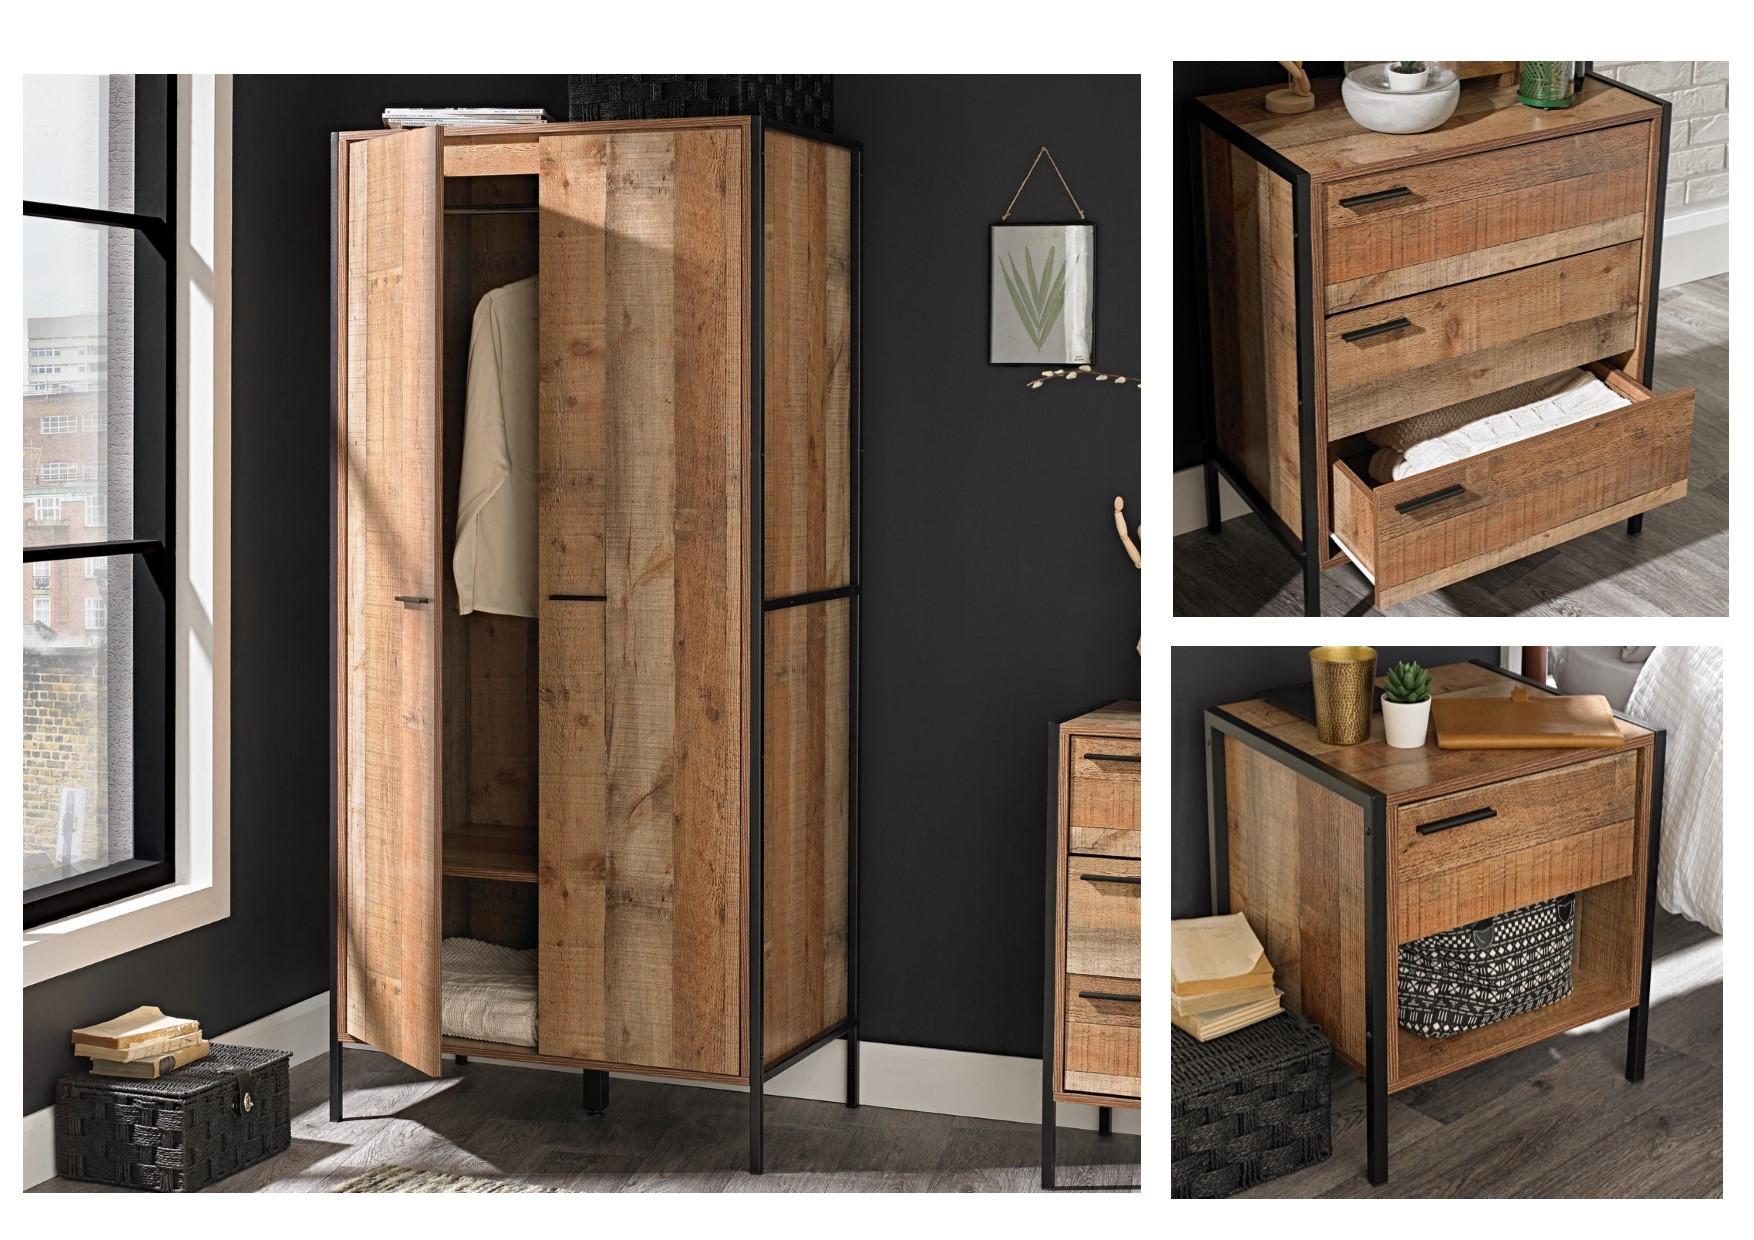 Hoxton urban rustic bedroom furniture set metal frames bedside drawers